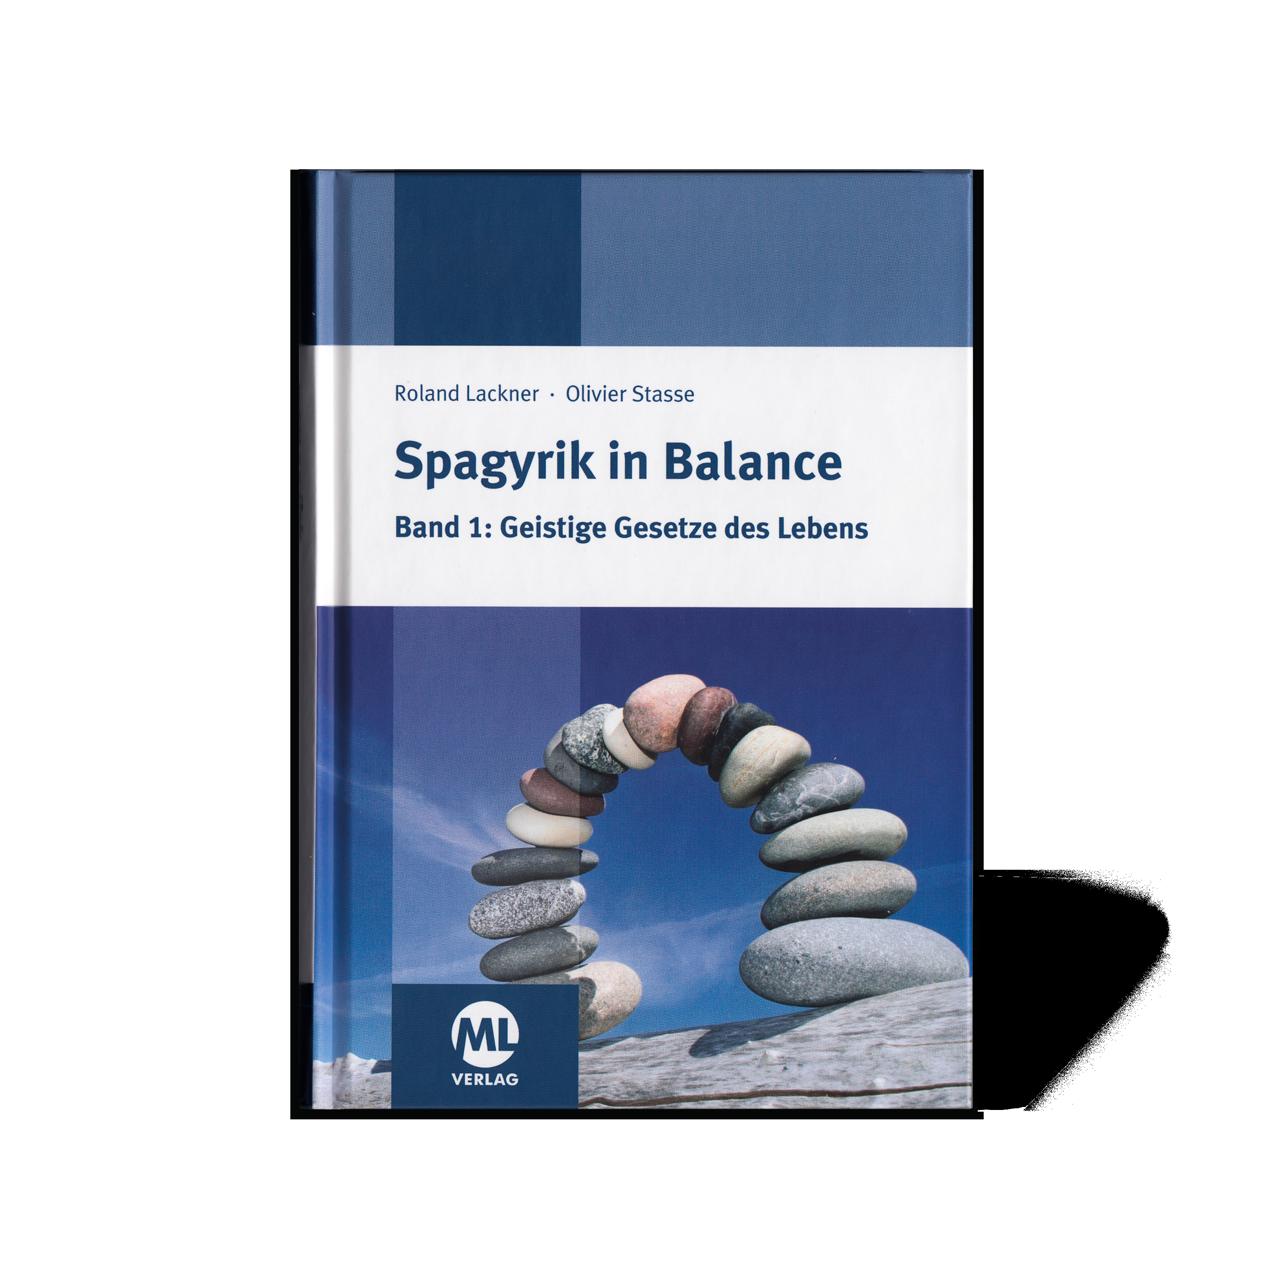 Spagyrik in Balance - Band 1